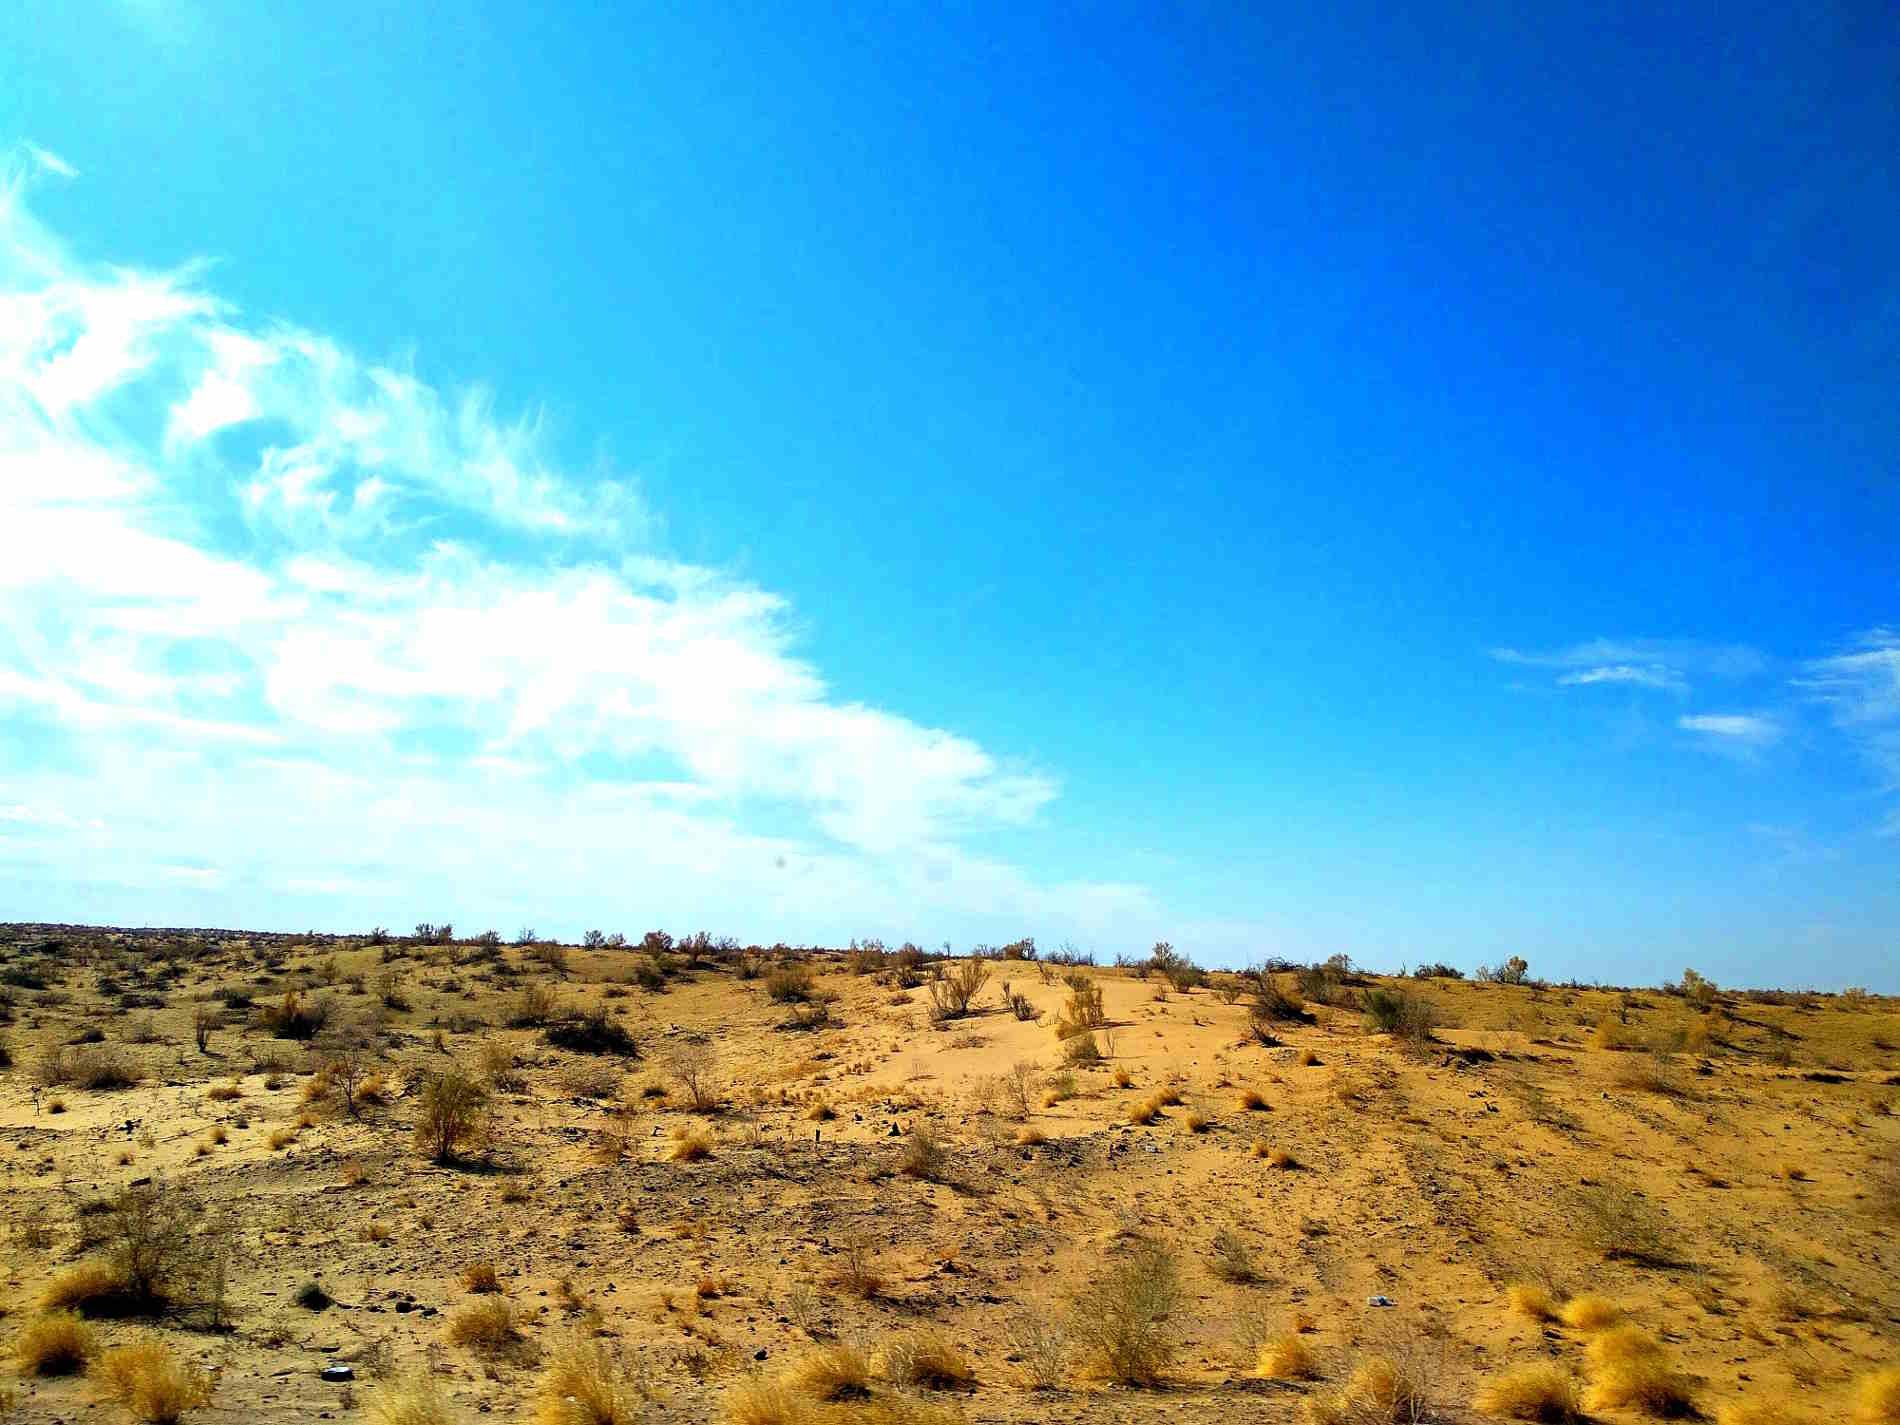 Il deserto di Kyzyl-Kum lungo la Via della Seta in Uzbekistan